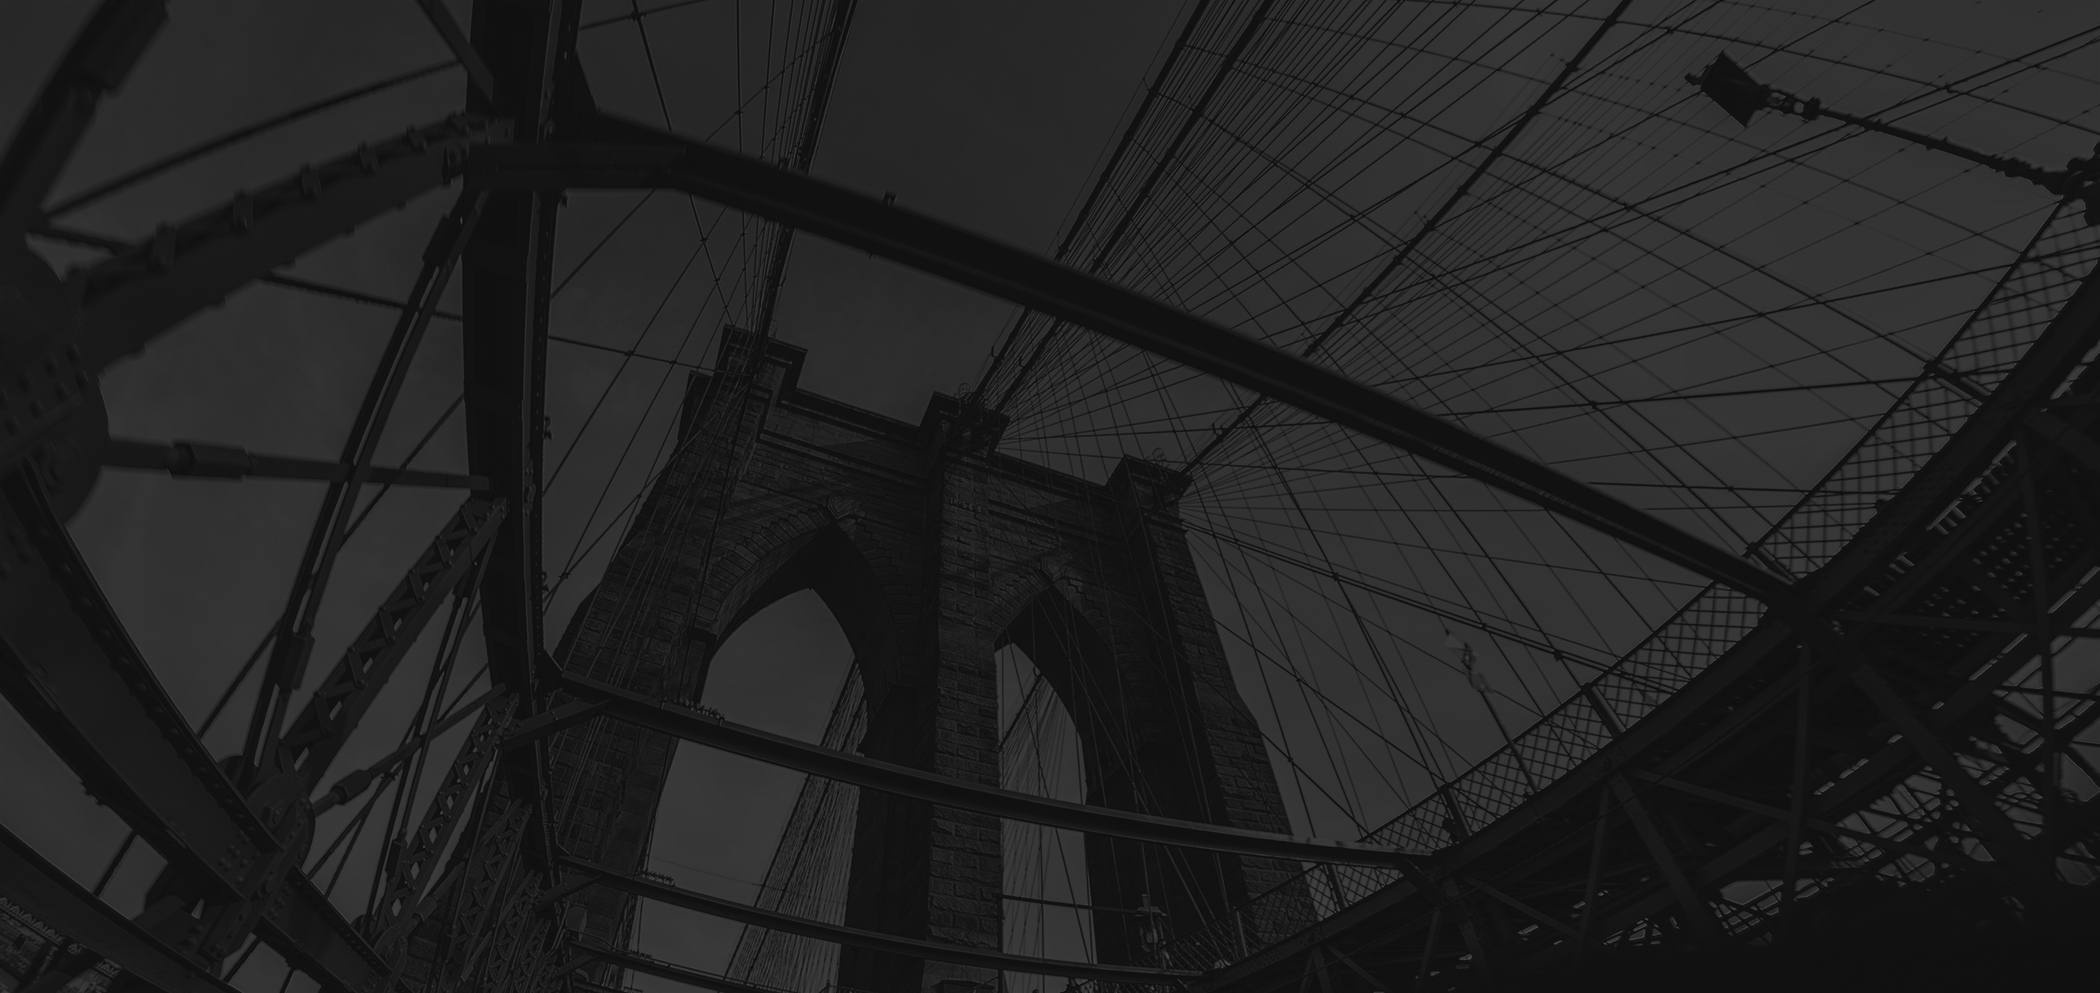 brooklyn_bridge.jpg